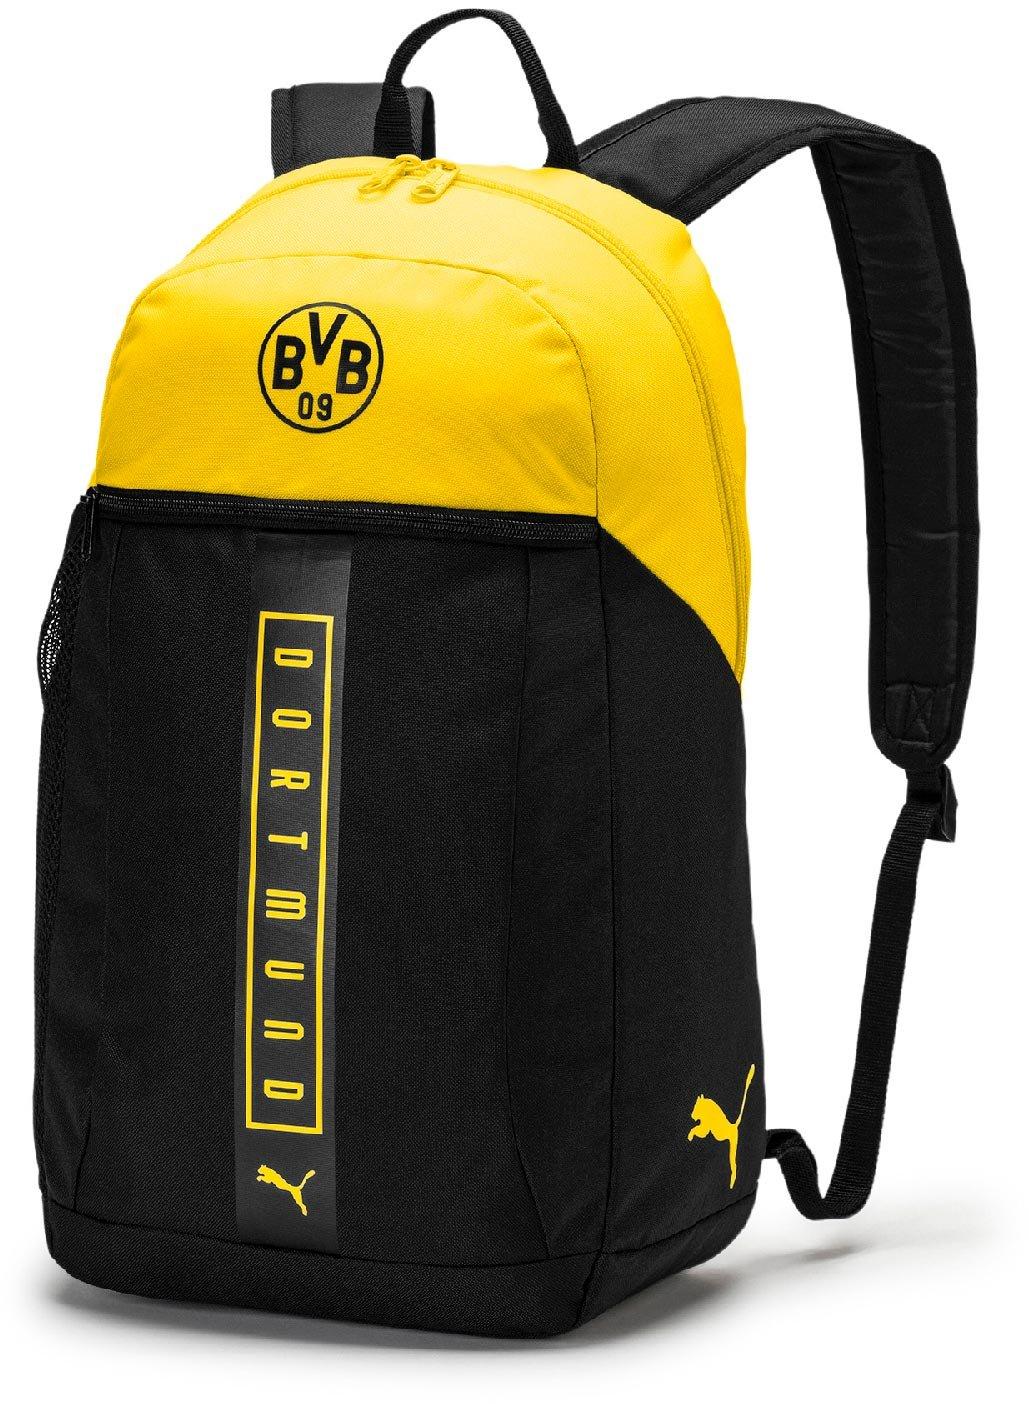 6c01bc7017 Puma BVB Fan Backpack